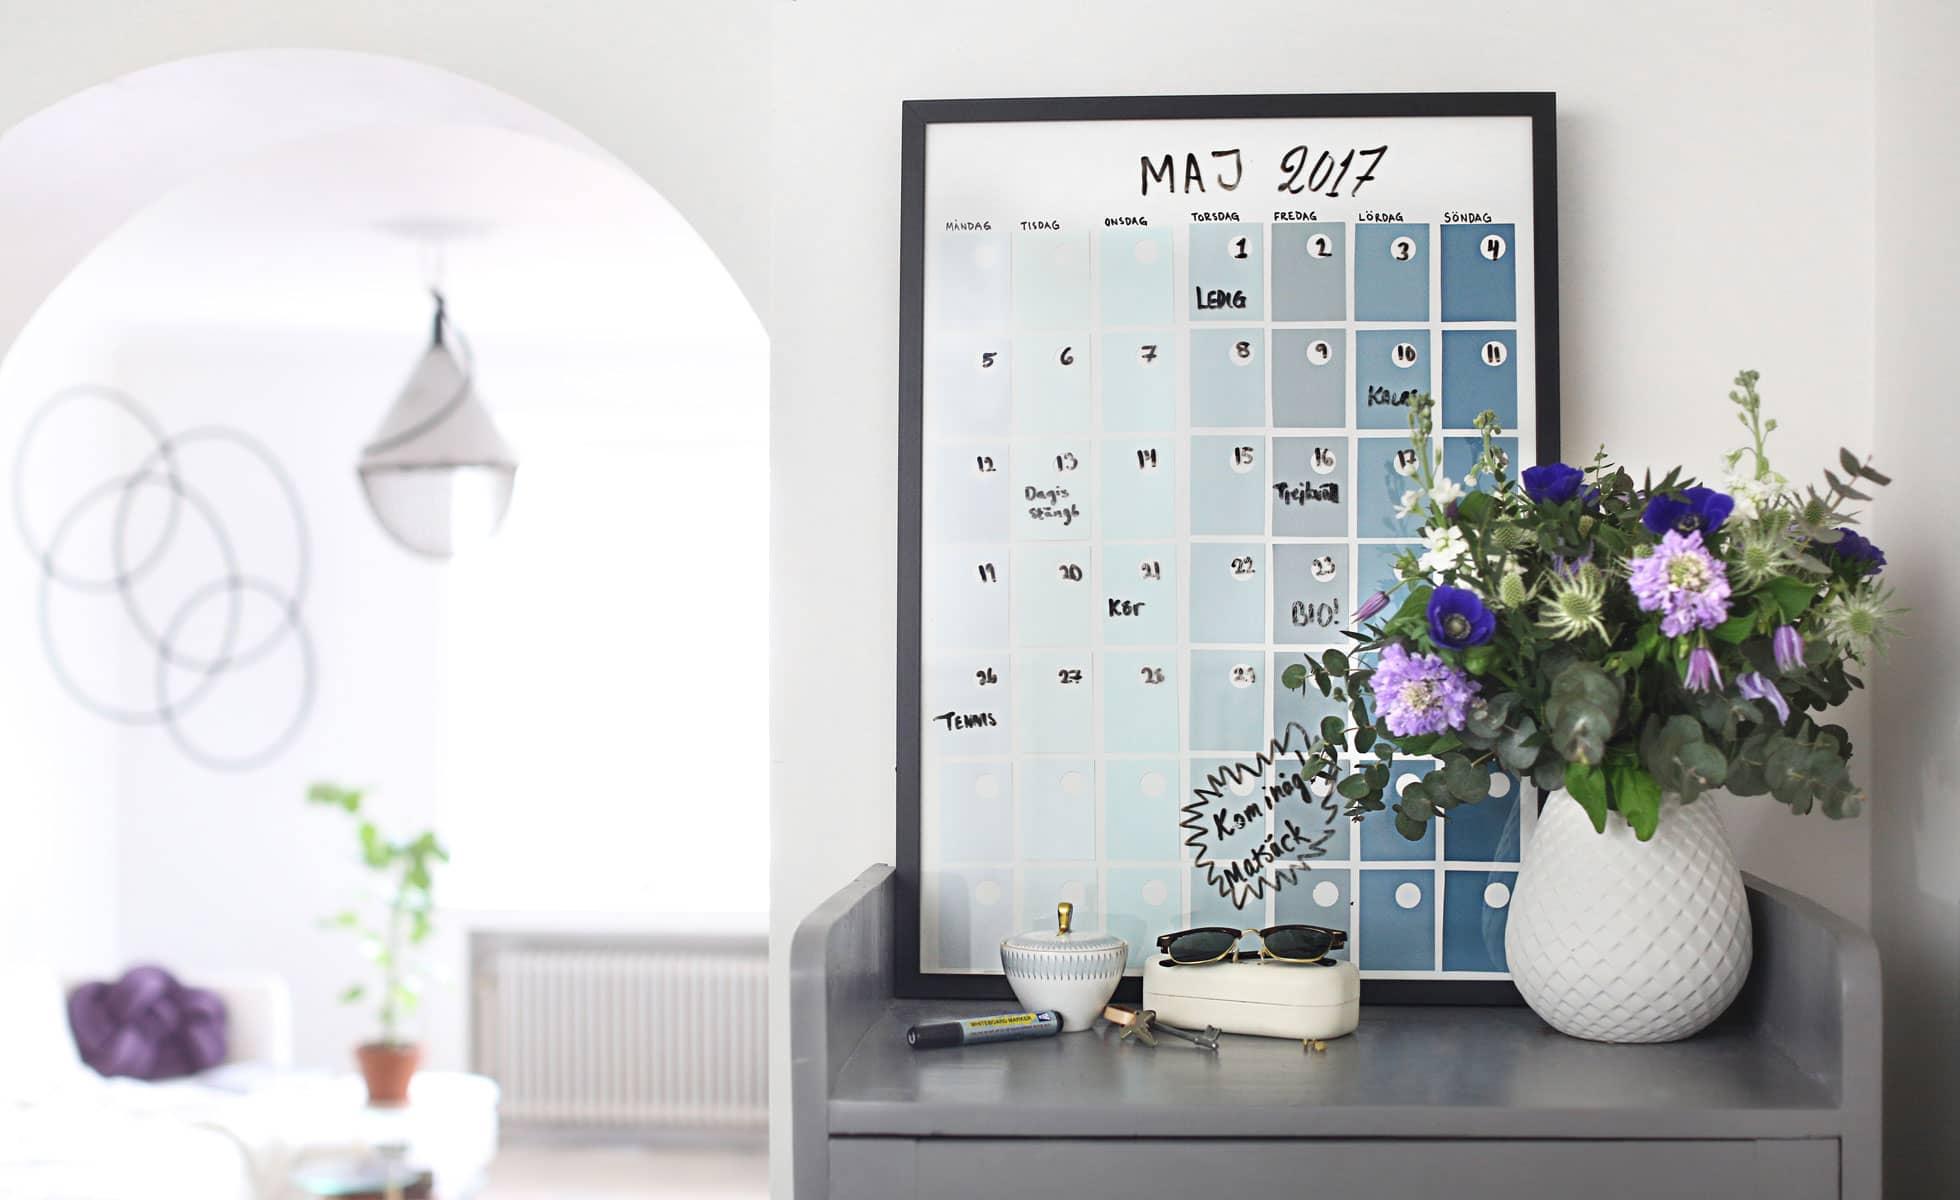 Hemmafix: Lös vardagspusslet med en hemmagjord väggplanering av färgprover